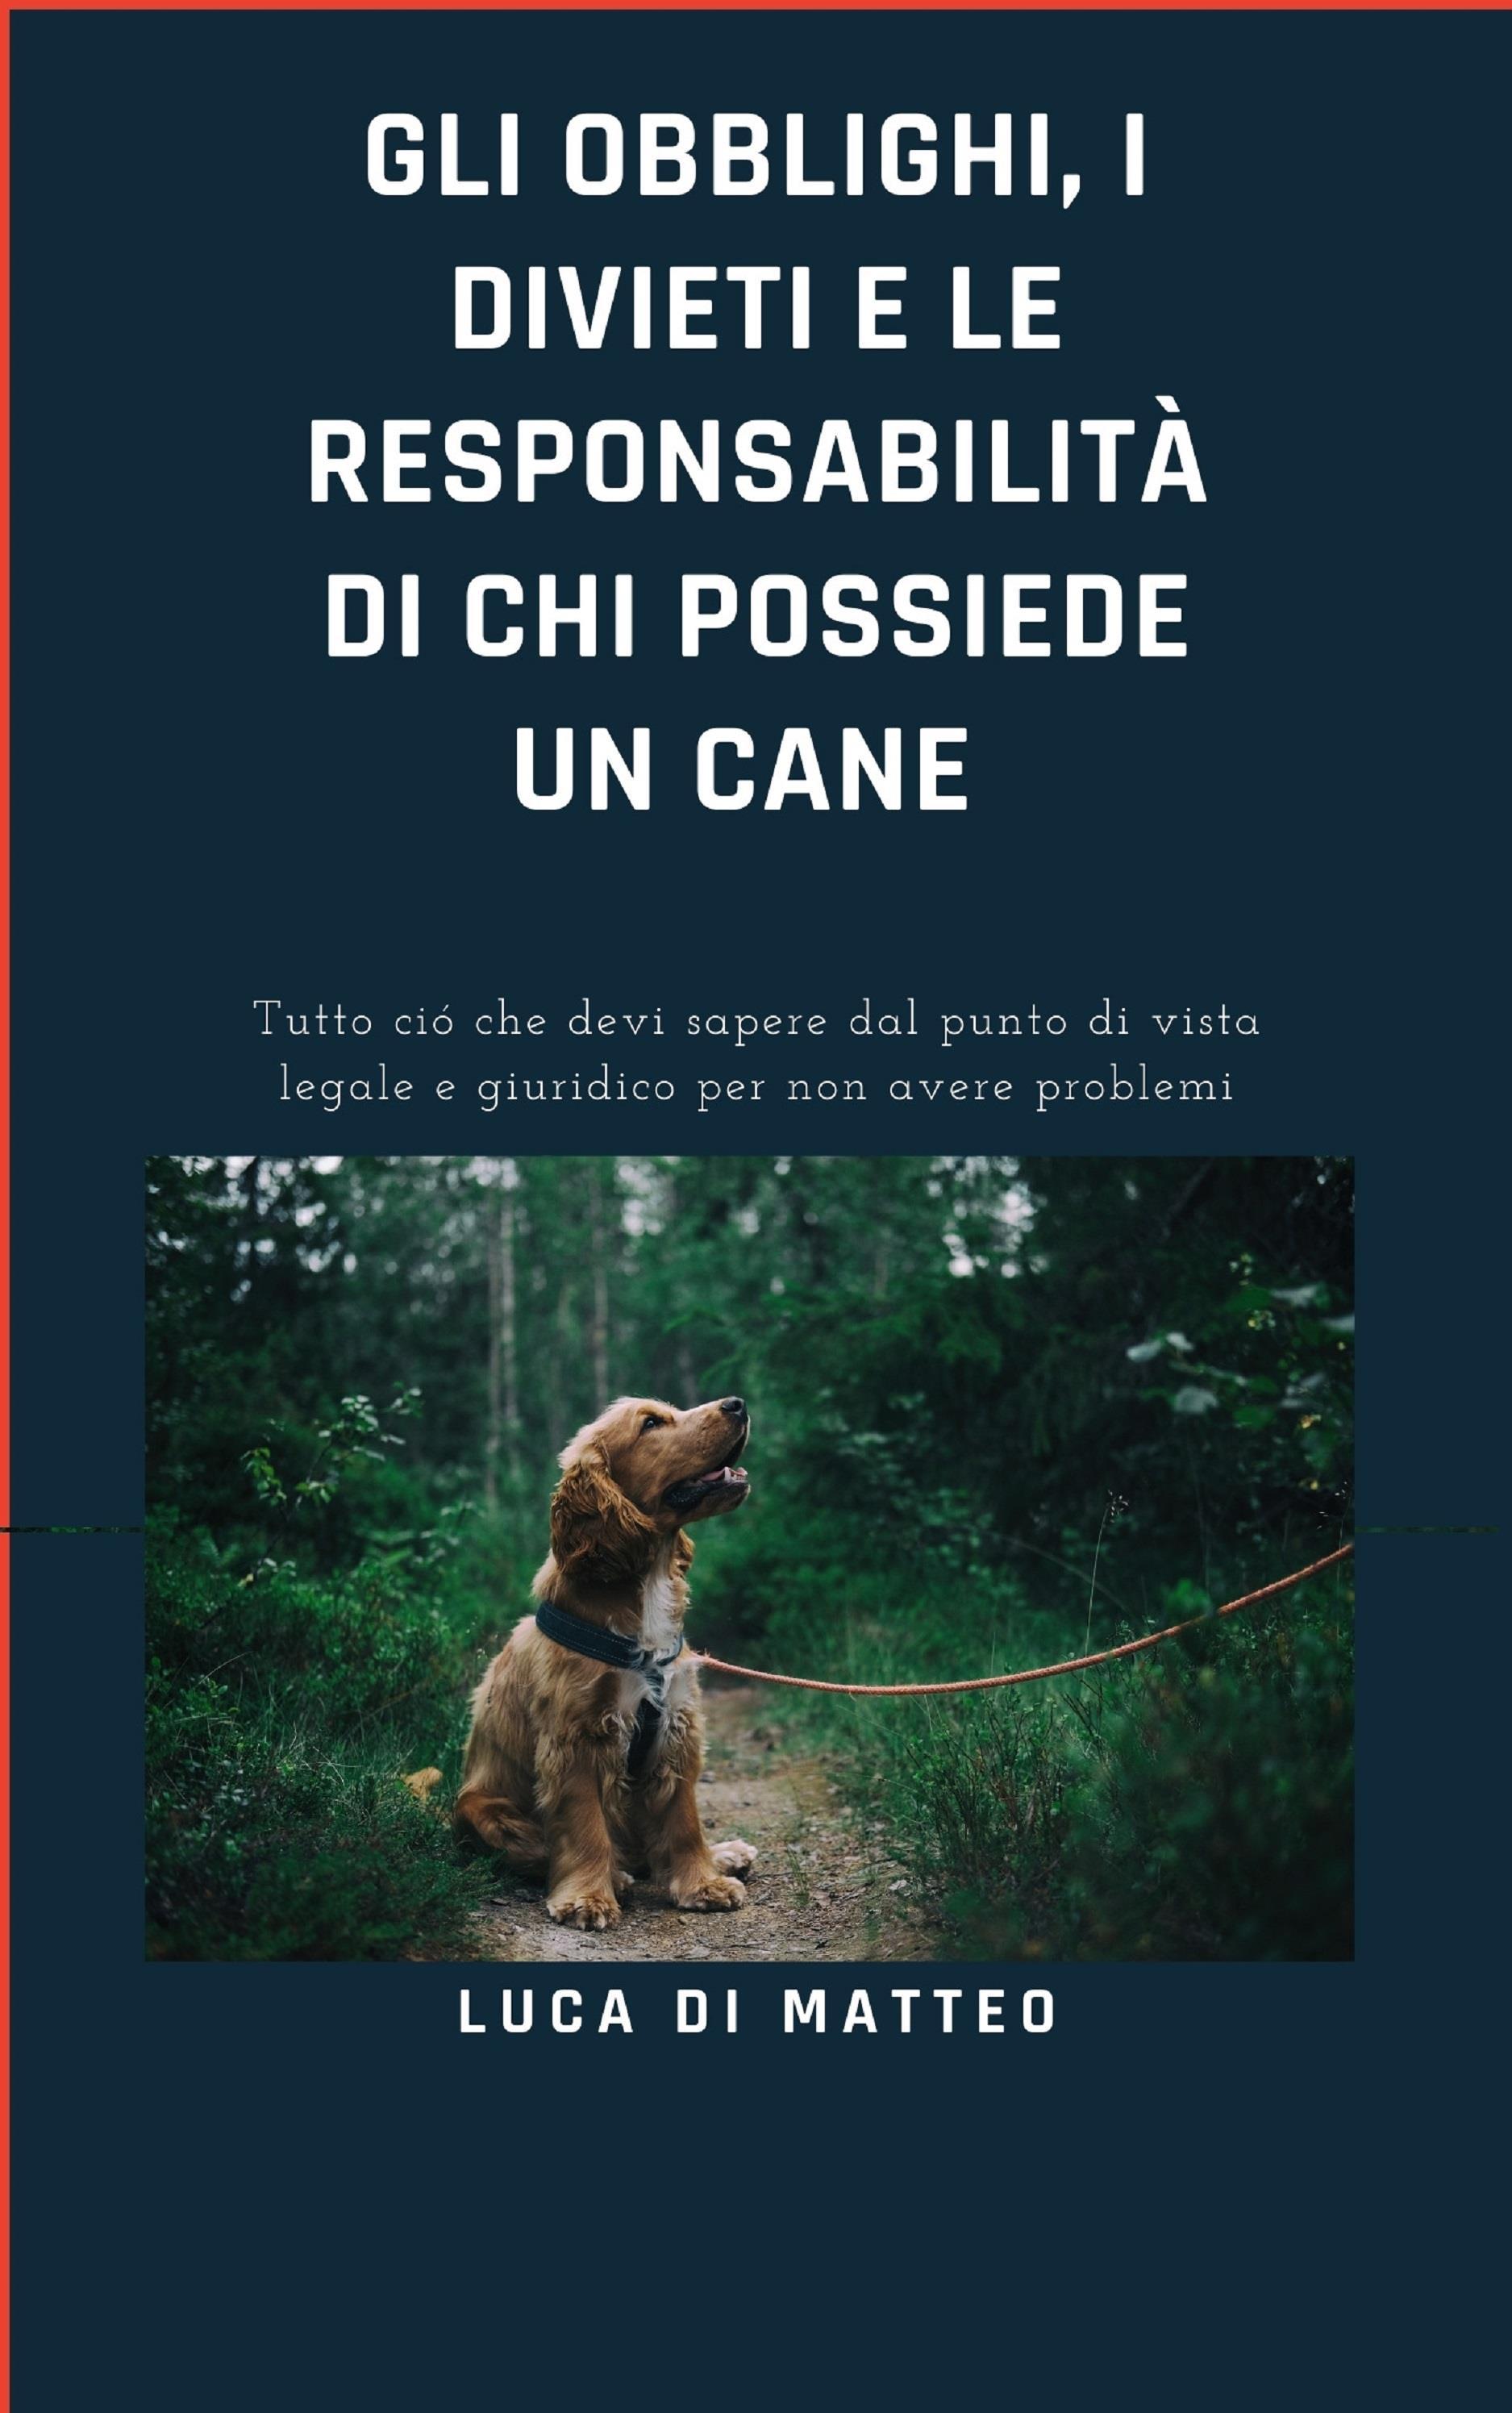 Gli obblighi, i divieti e le responsabilità di chi possiede un cane